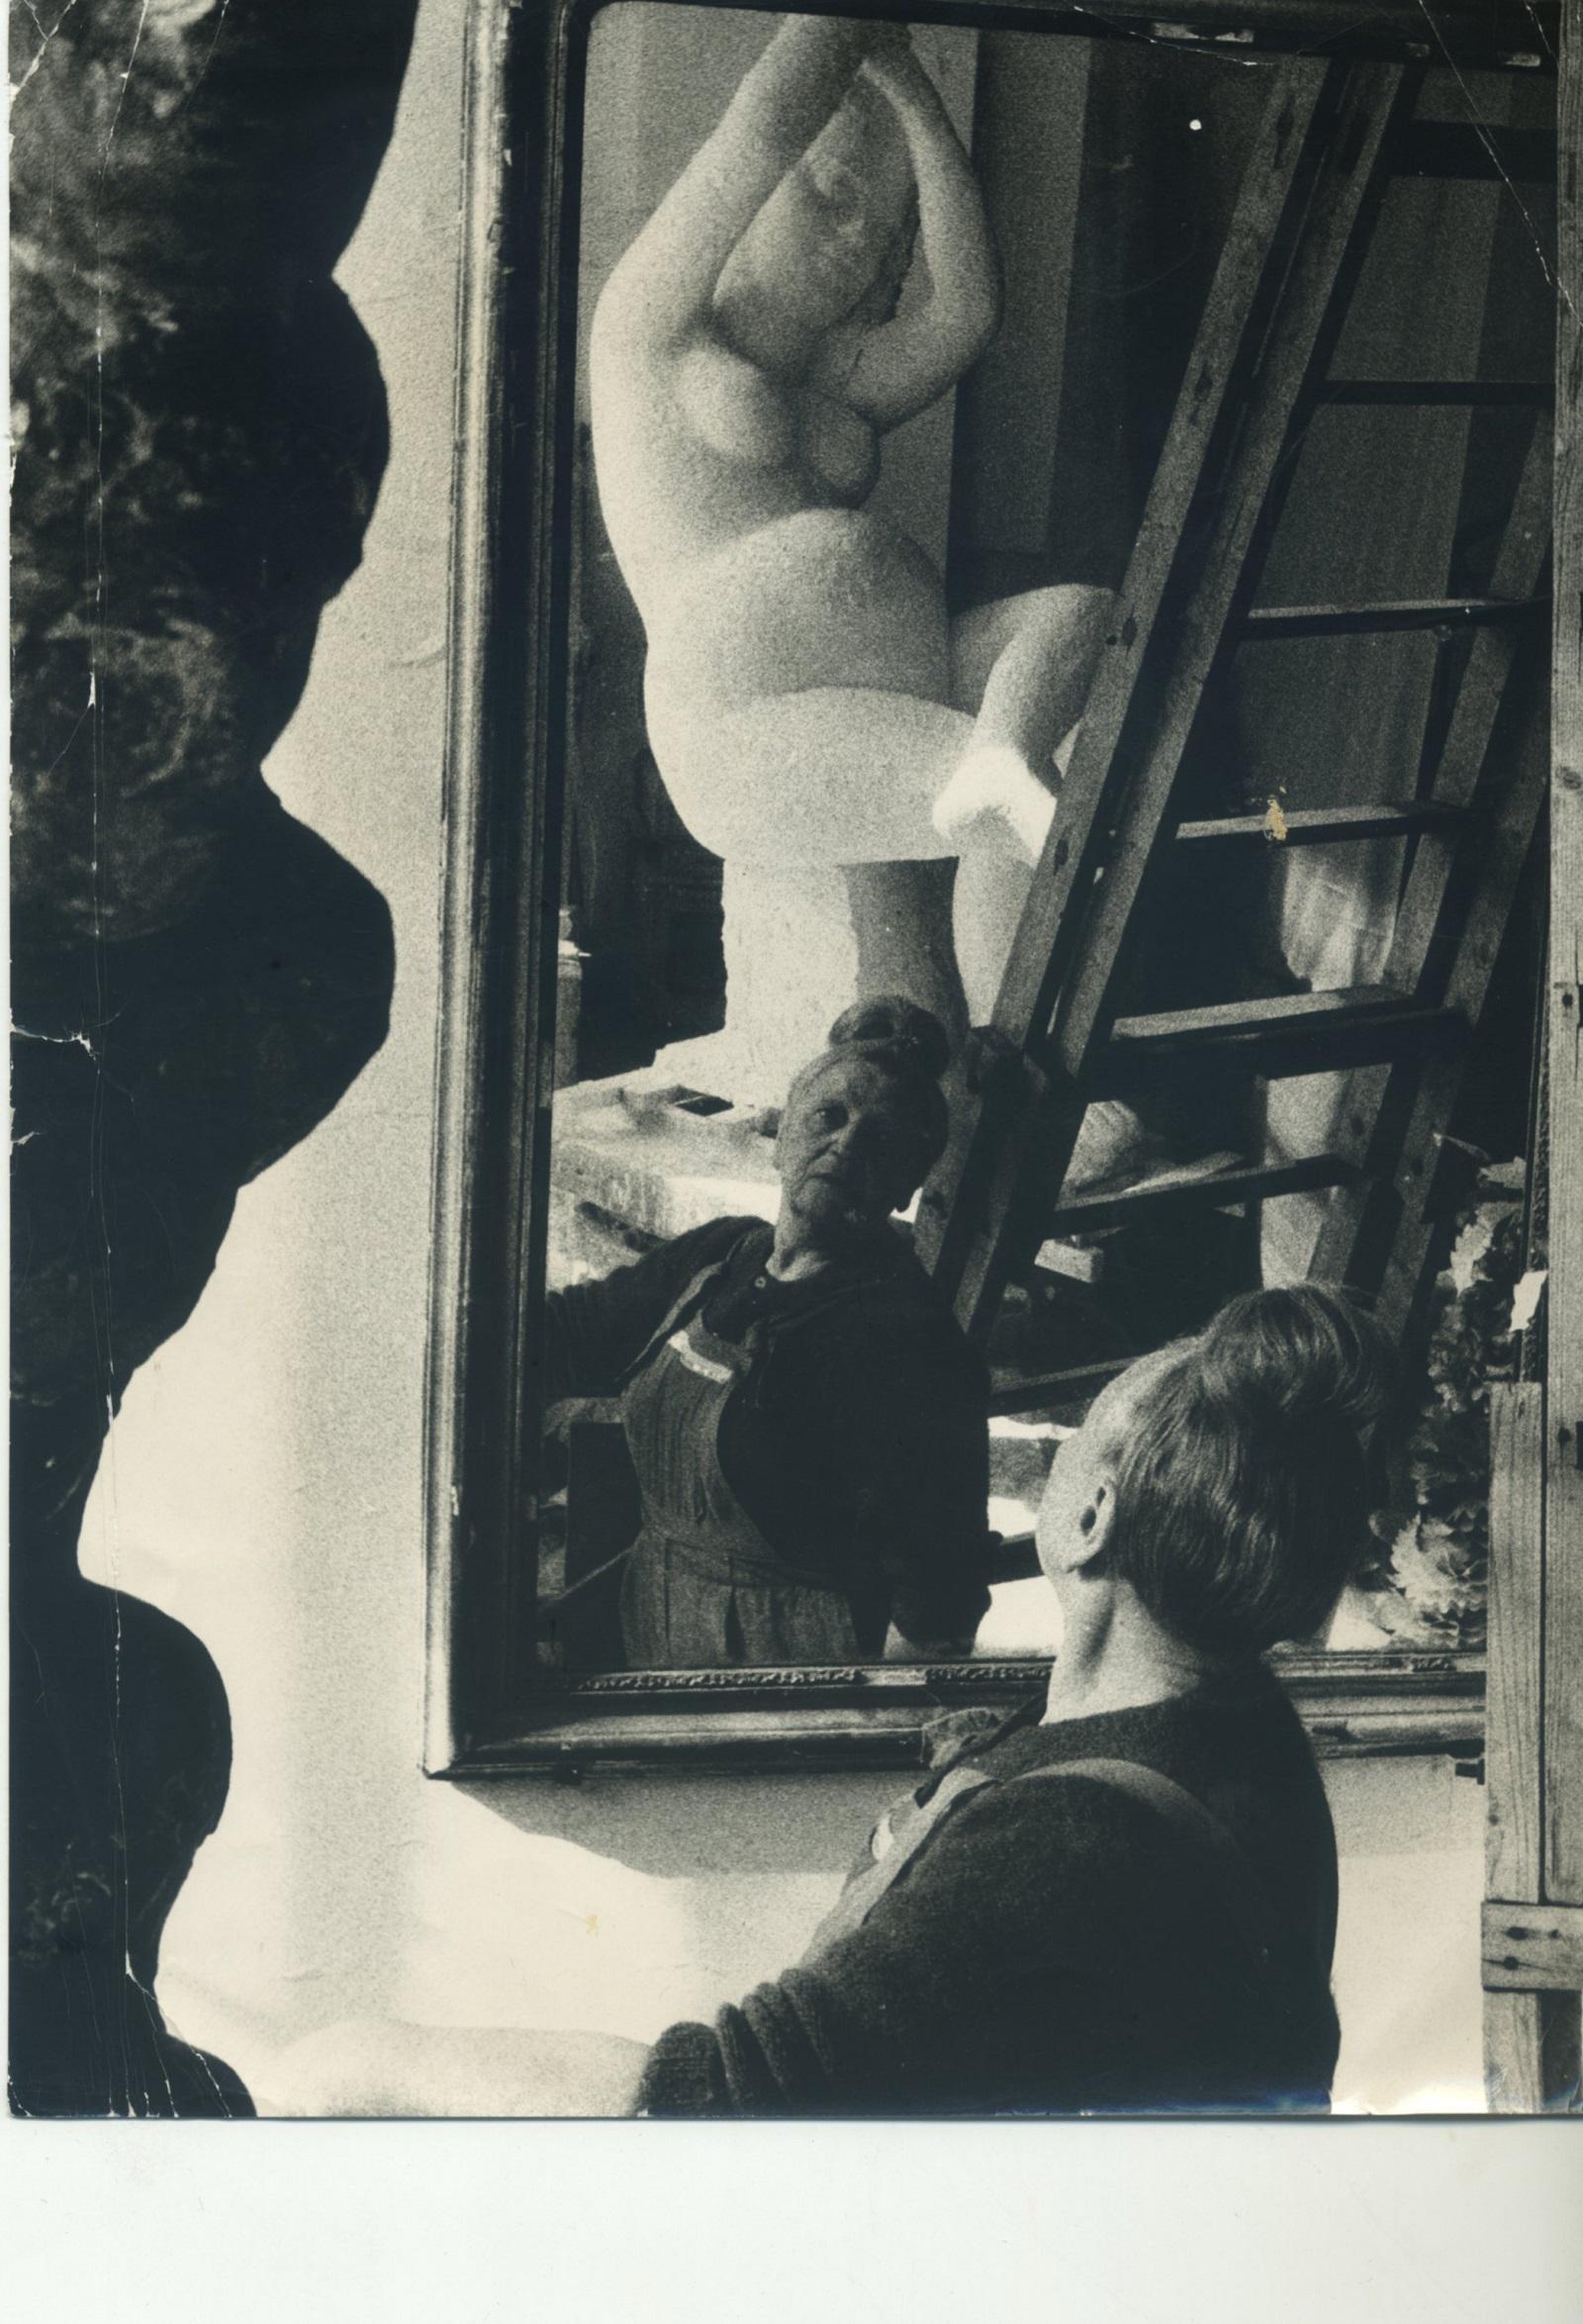 A vintage photo of Antonietta Raphael Mafai in her studio